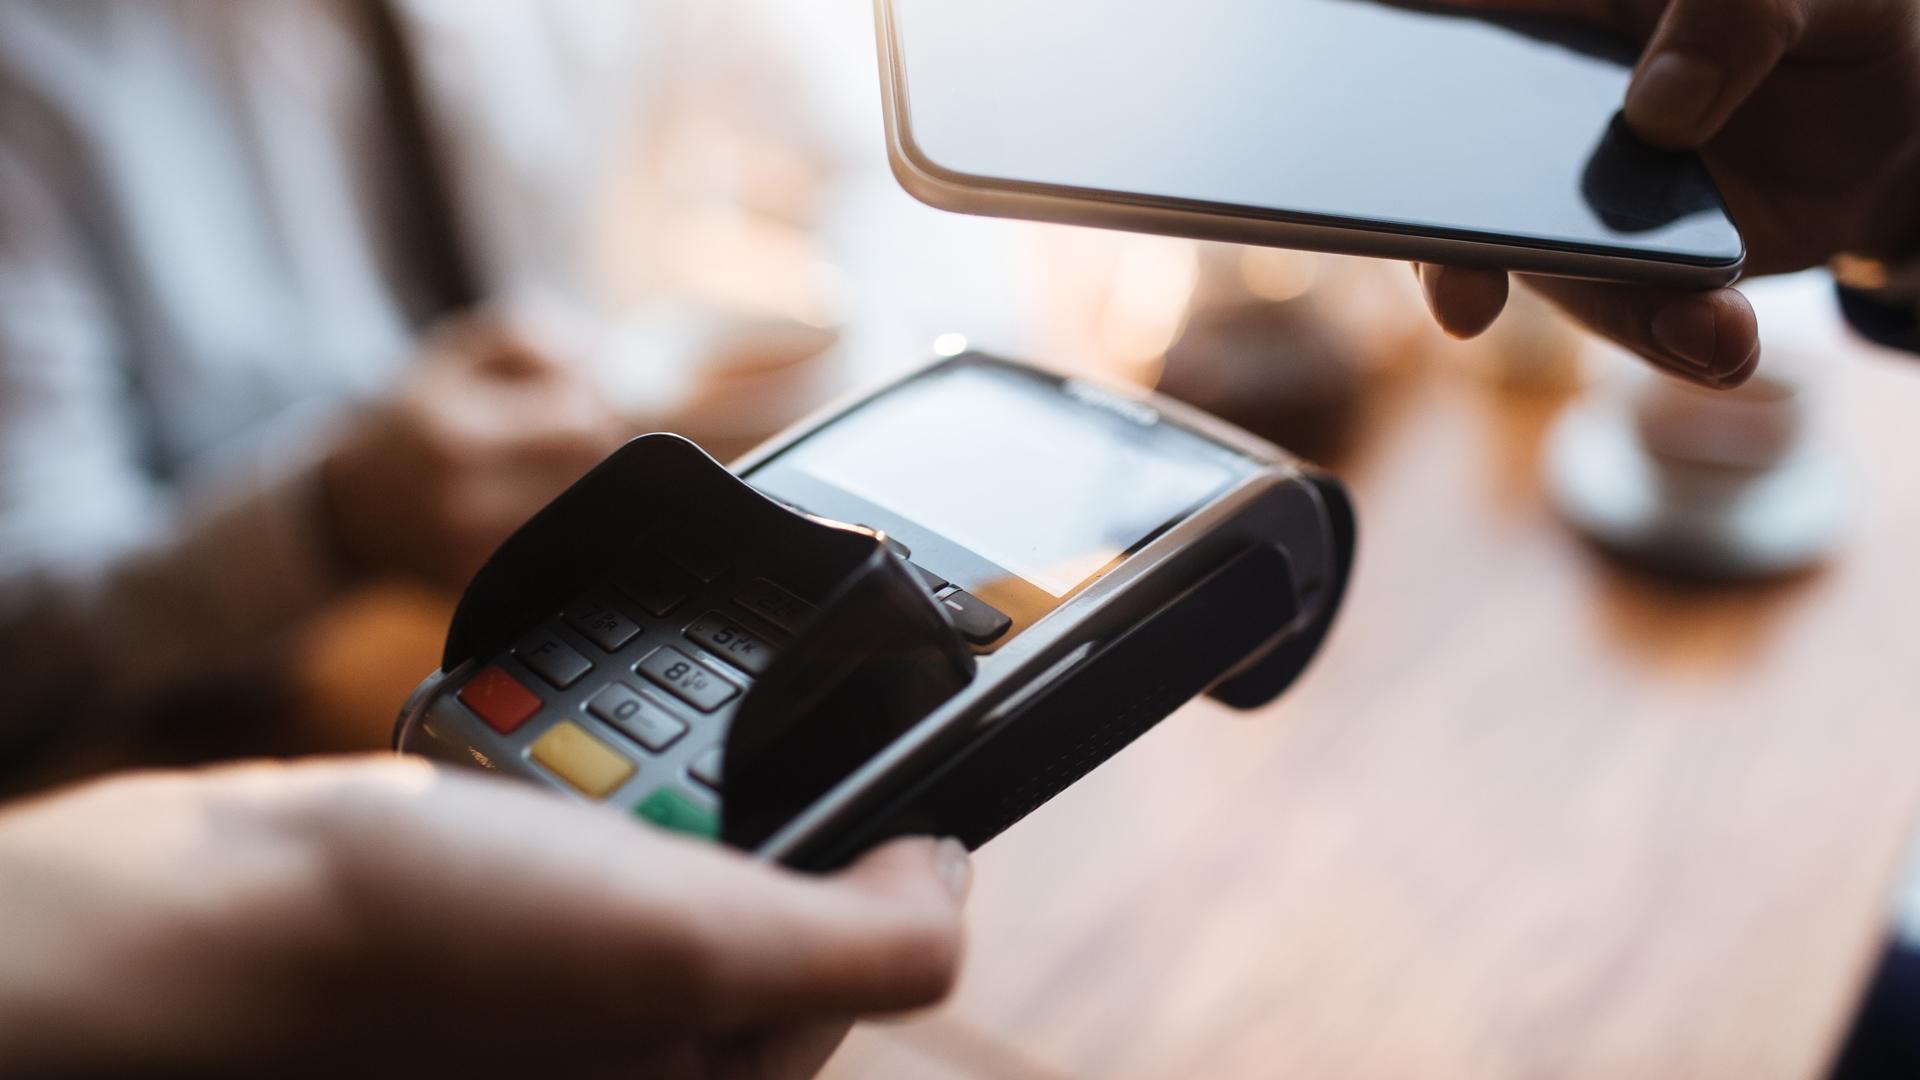 Можно ли установить NFC-модуль в телефон